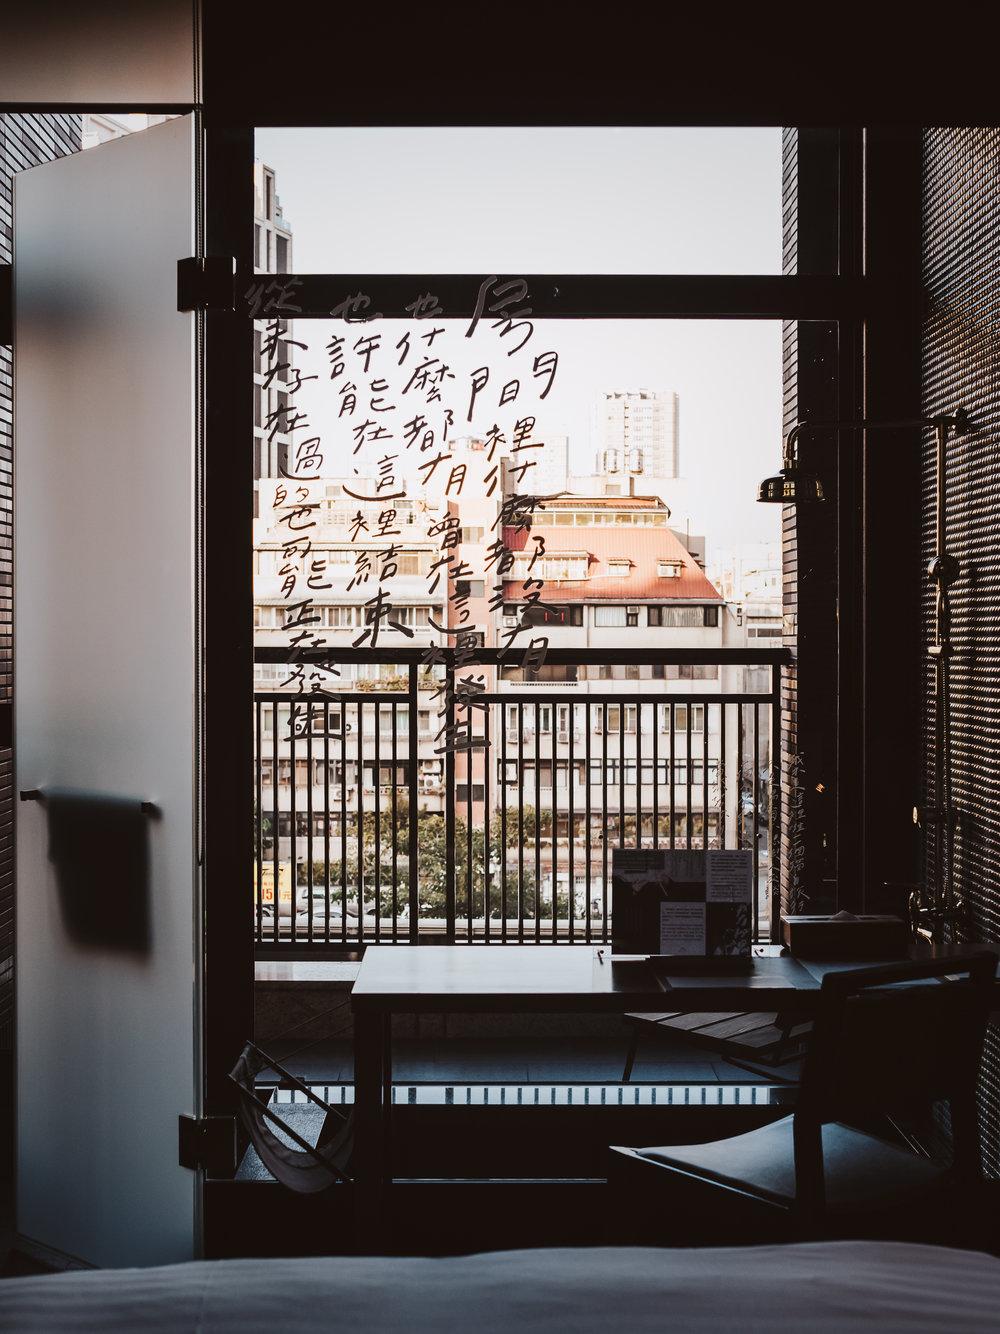 Home Hotel Da-An Interior Photography - Olympus EM1Markii 2512 - Yes! Please Enjoy-15.jpg